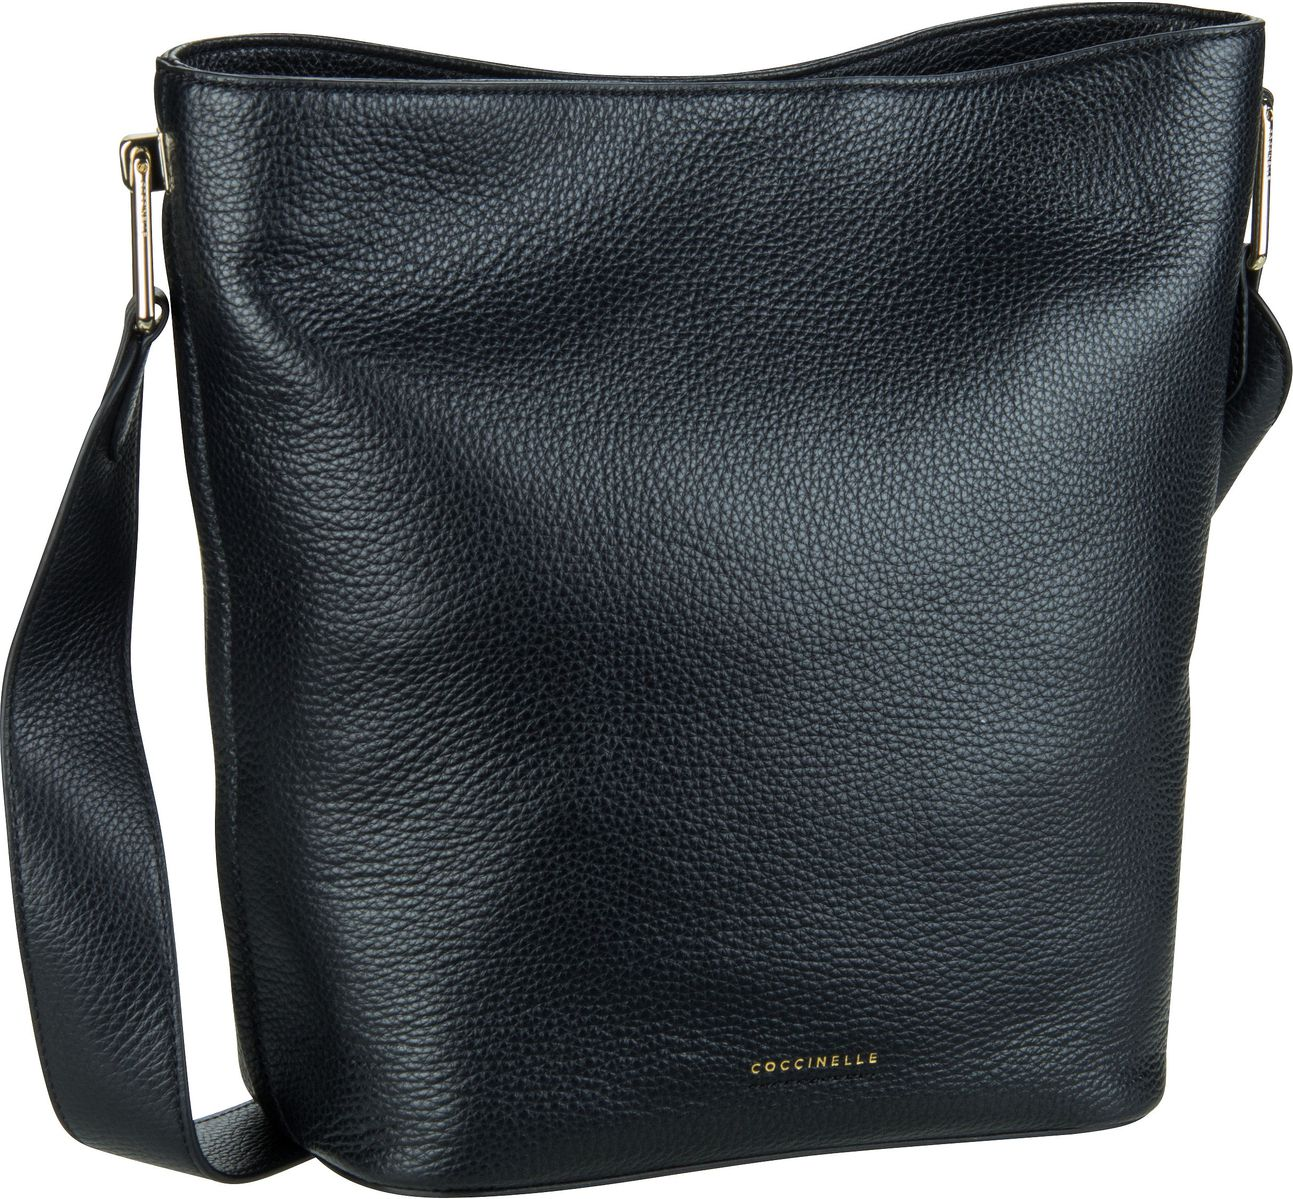 Handtasche Frenchy 2302 Nero